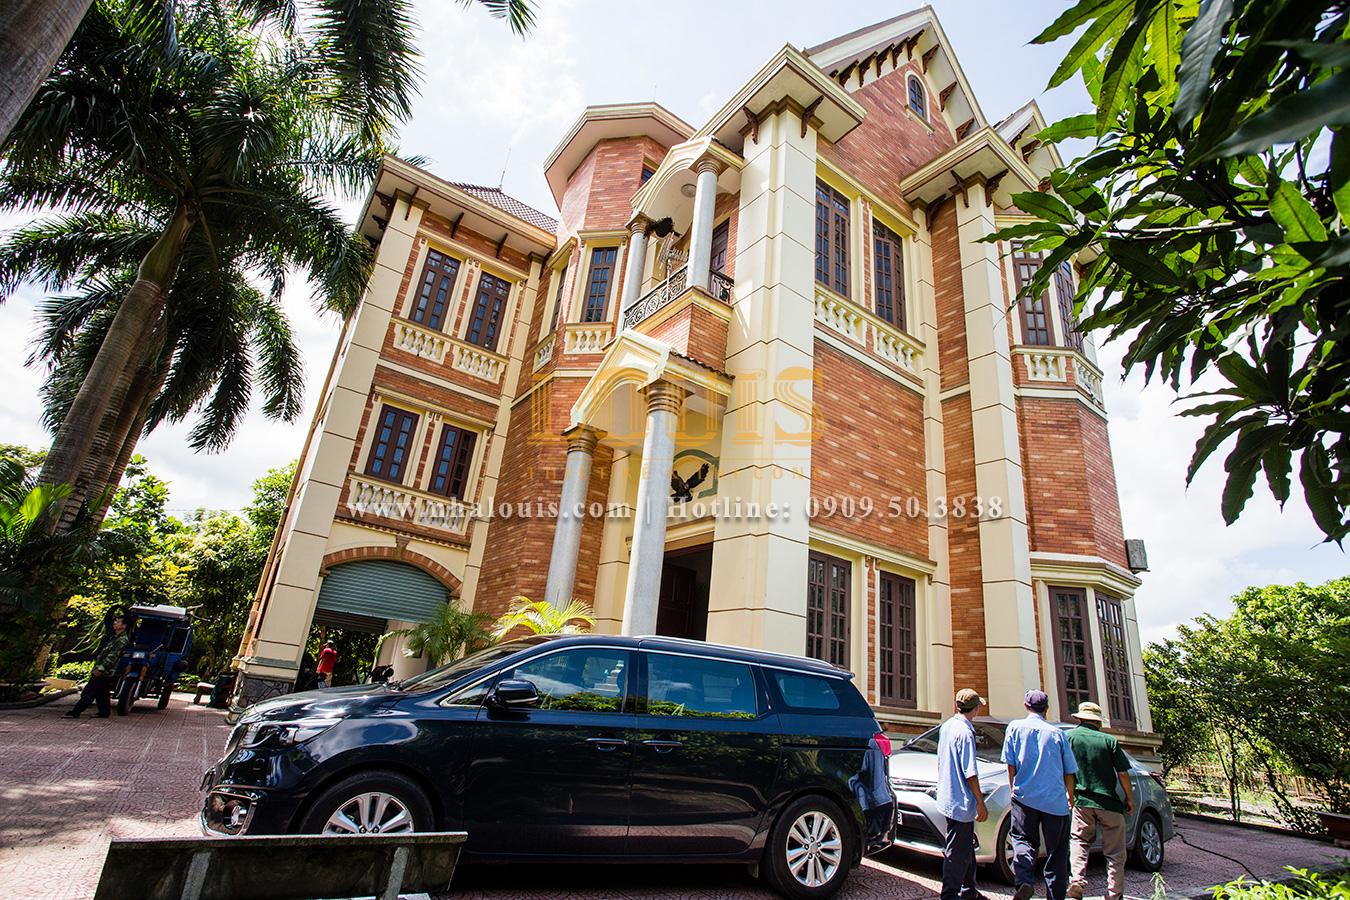 Mặt tiền trước cải tạo Mẫu biệt thự kiến trúc Pháp tại Đồng Nai đẹp hoa lệ - 01